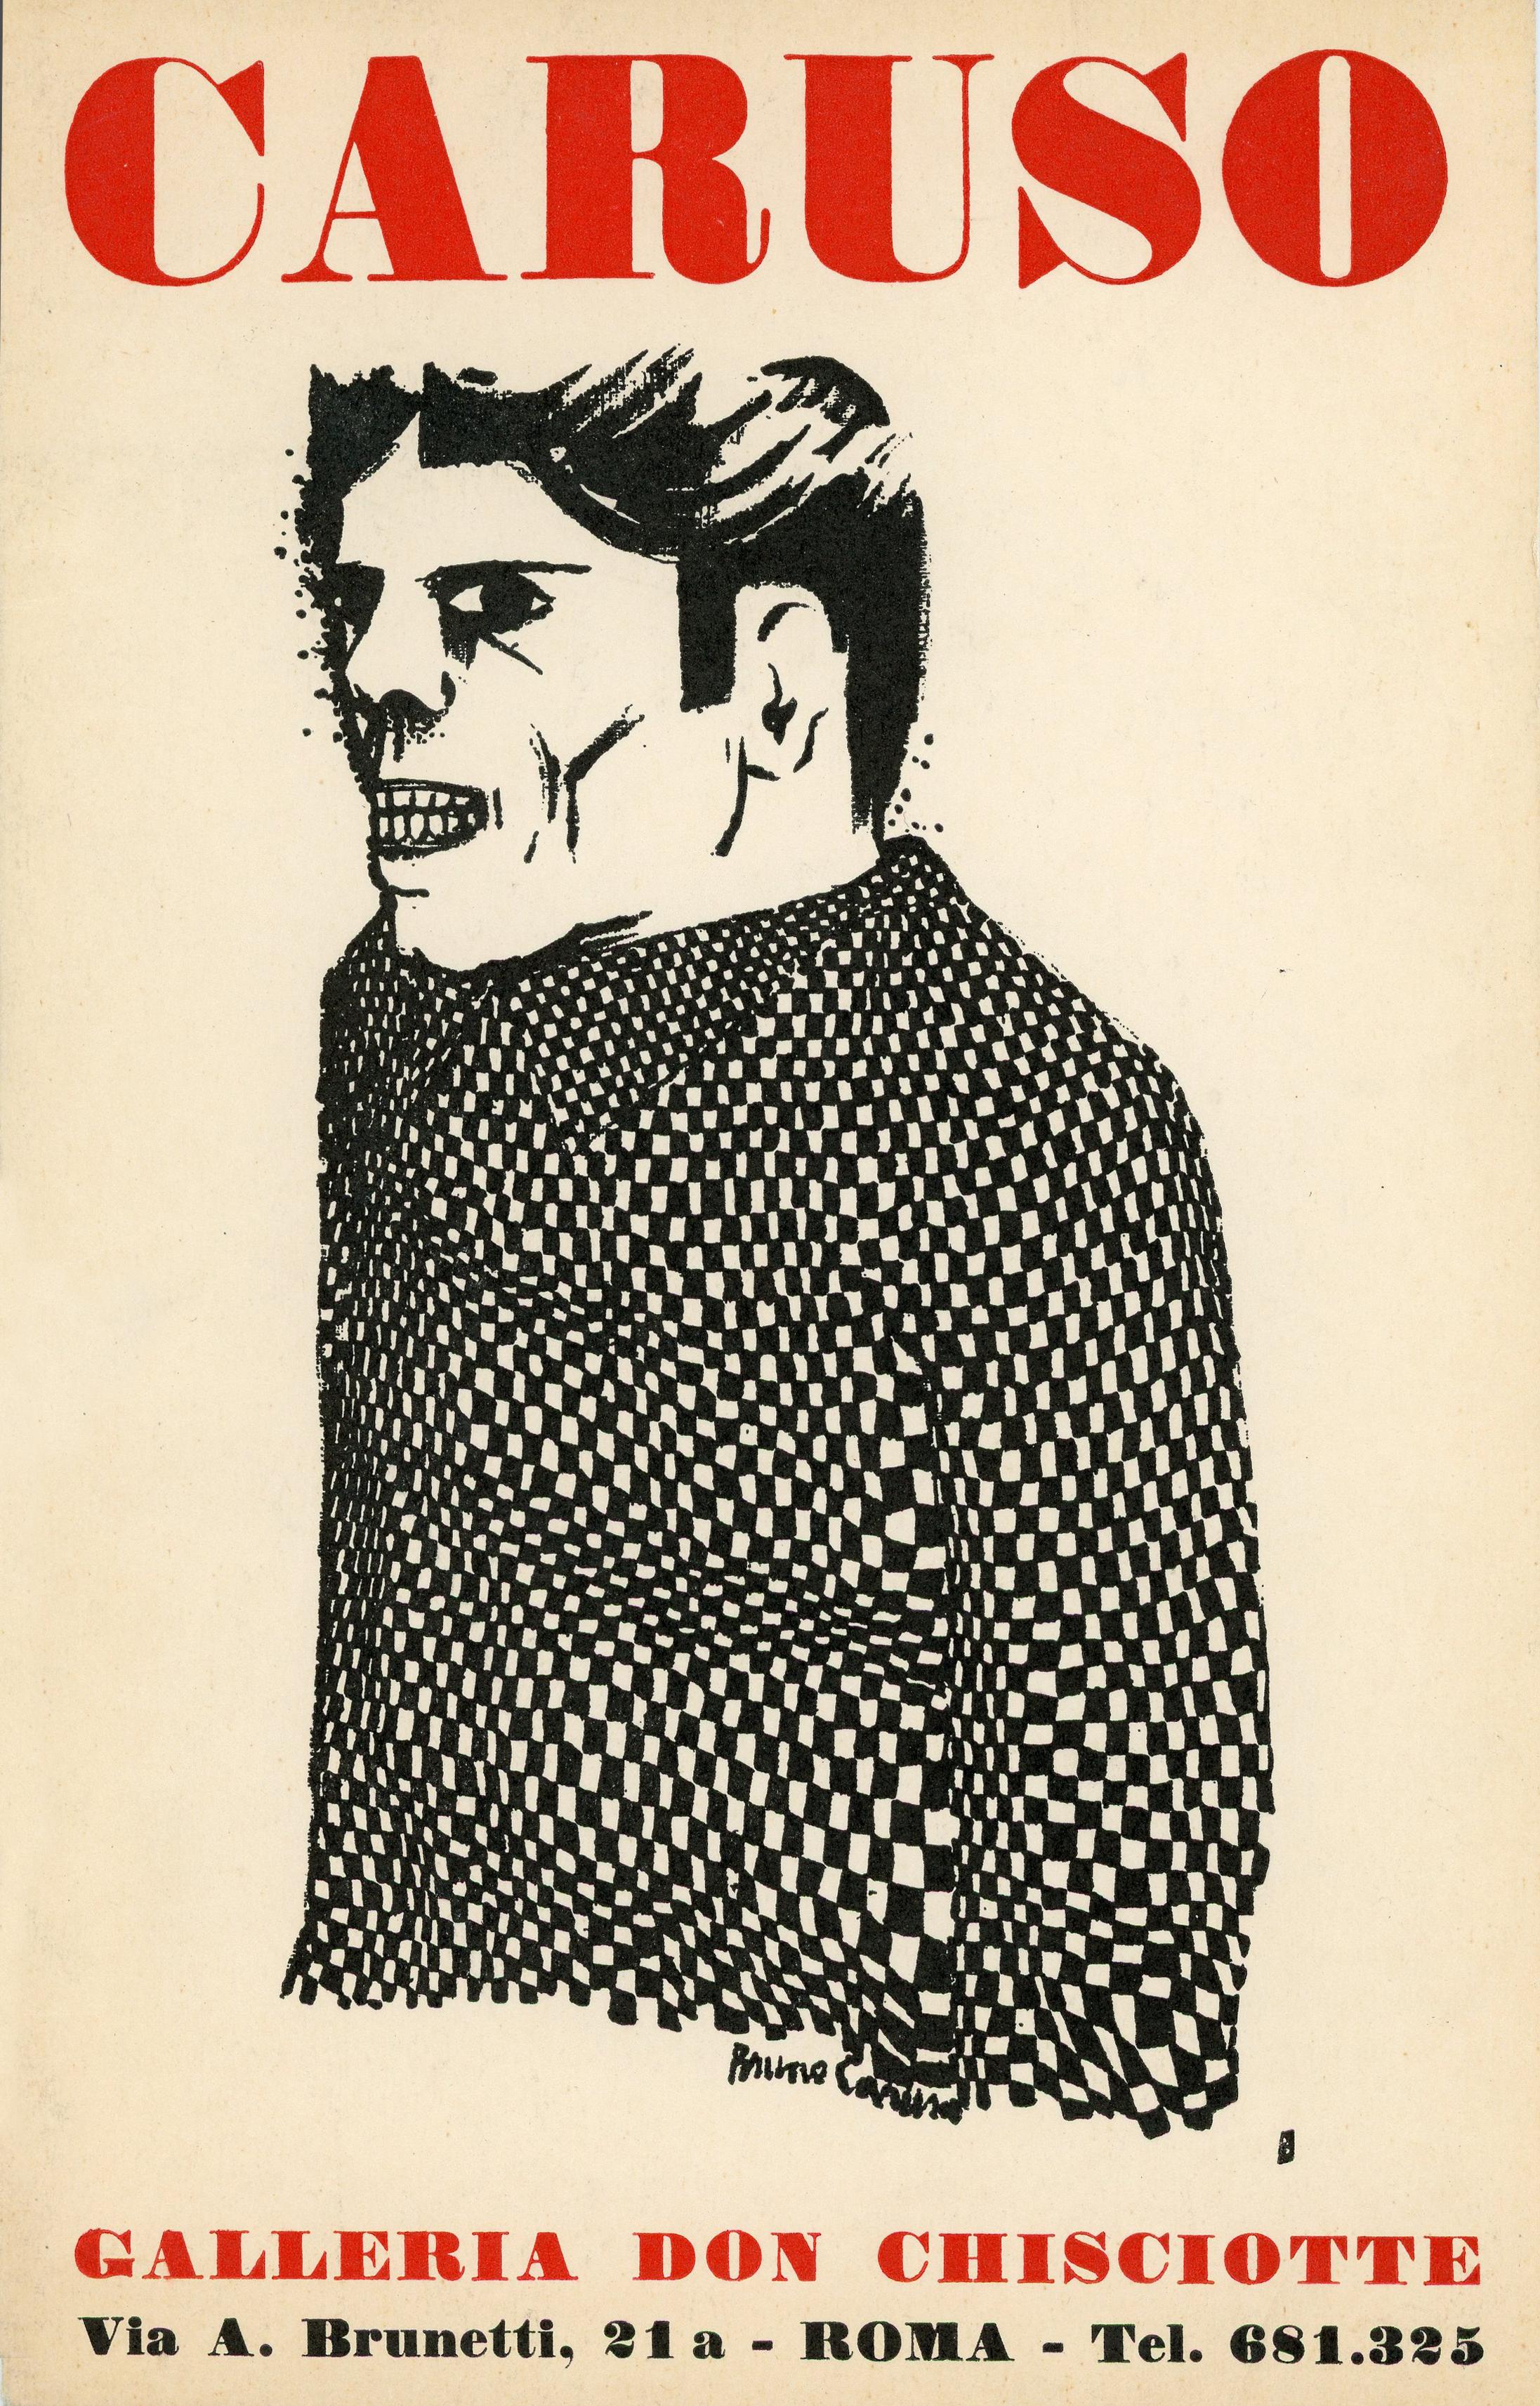 1963-03 Galleria don Chisciotte - Bruno Caruso_01.jpg